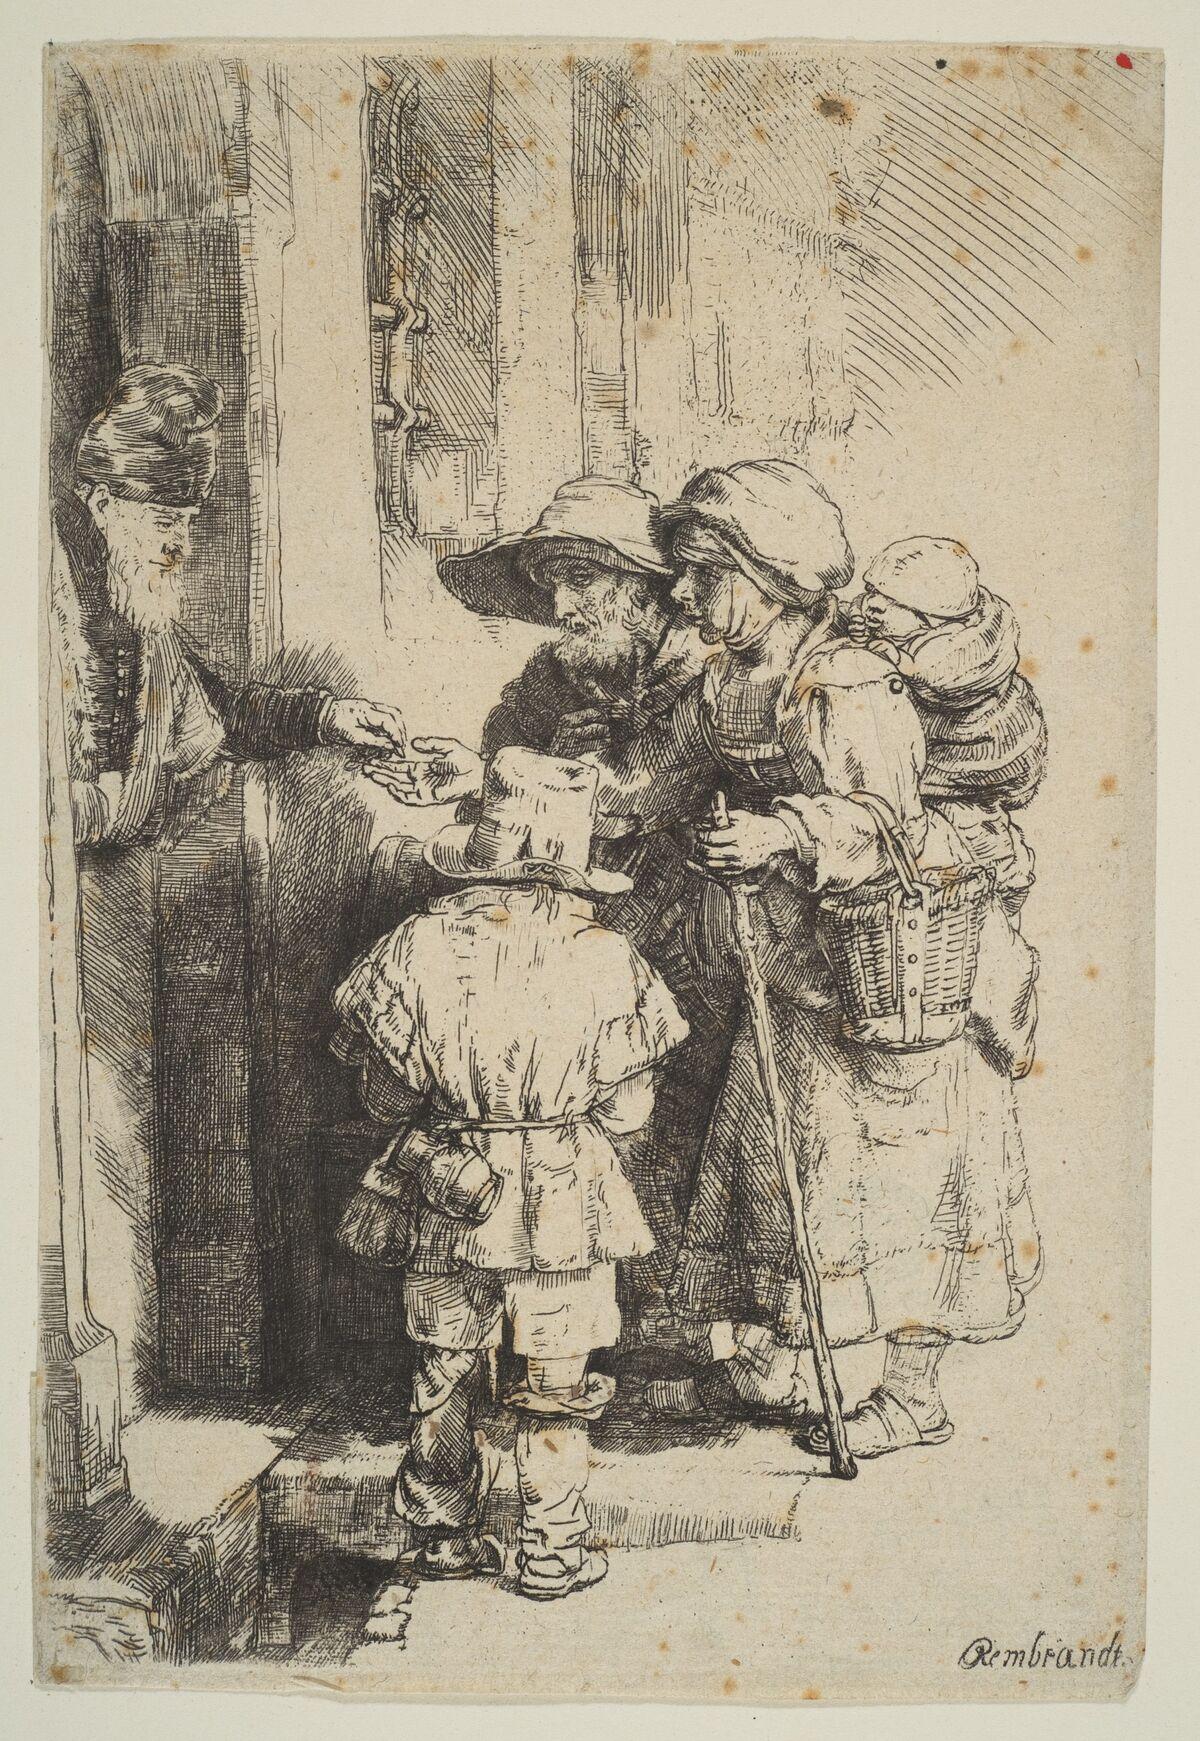 Rembrandt van Rijn, Beggars Receiving Alms at the Door of a House, 1648. Photo via The Metropolitan Museum of Modern Art.